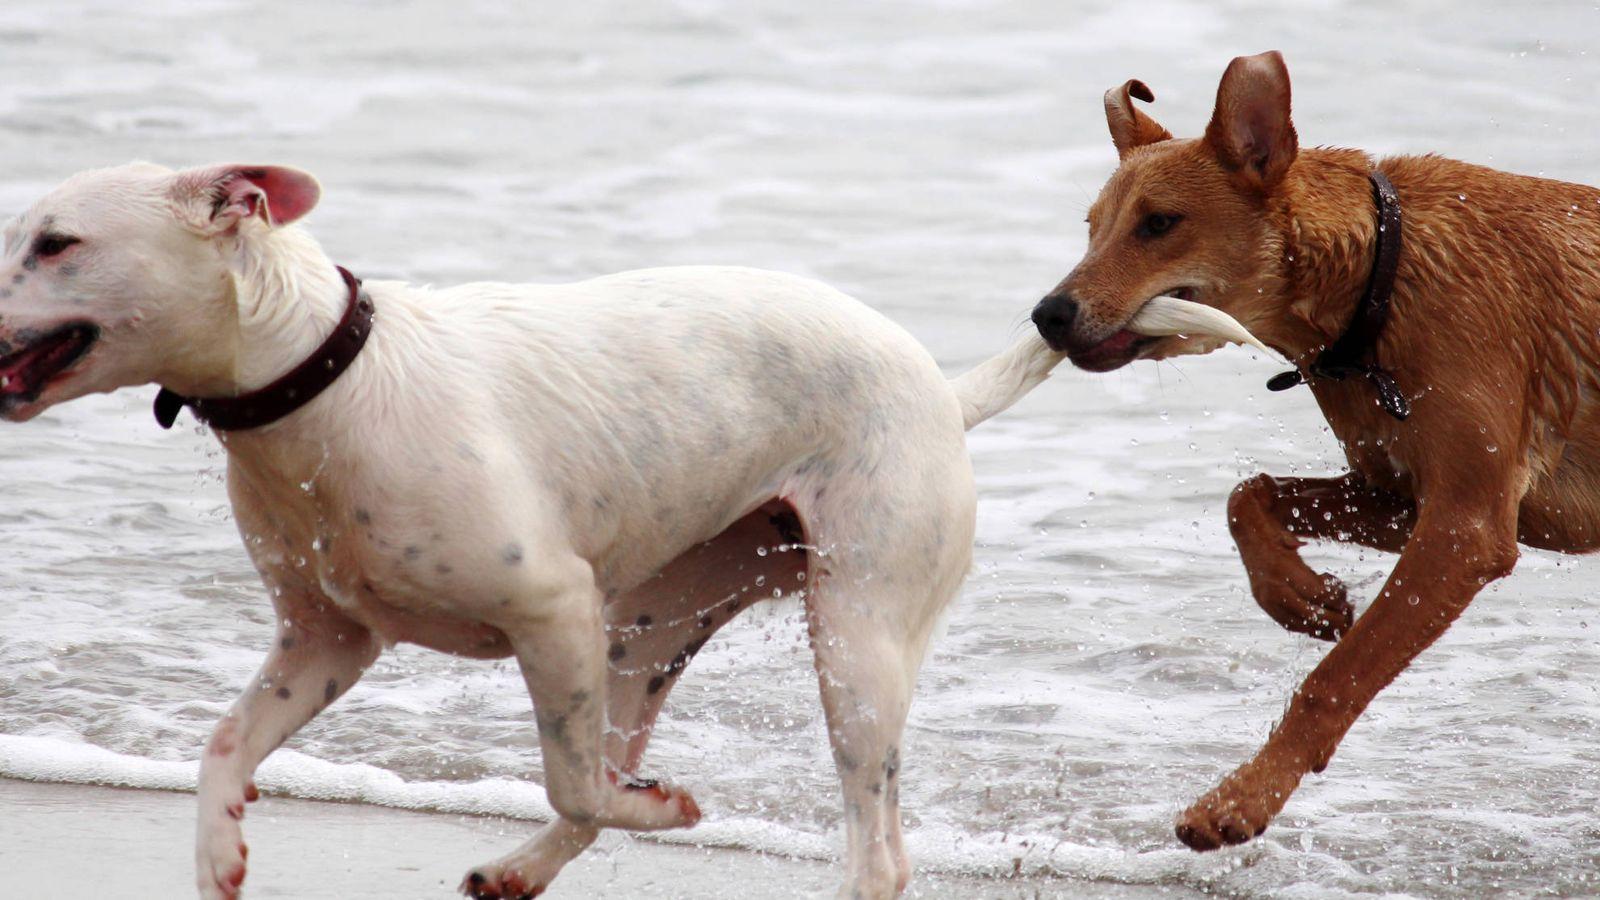 Foto: El Congreso ha pactado prohibir el corte del rabo de los perros por motivos estéticos (CC)